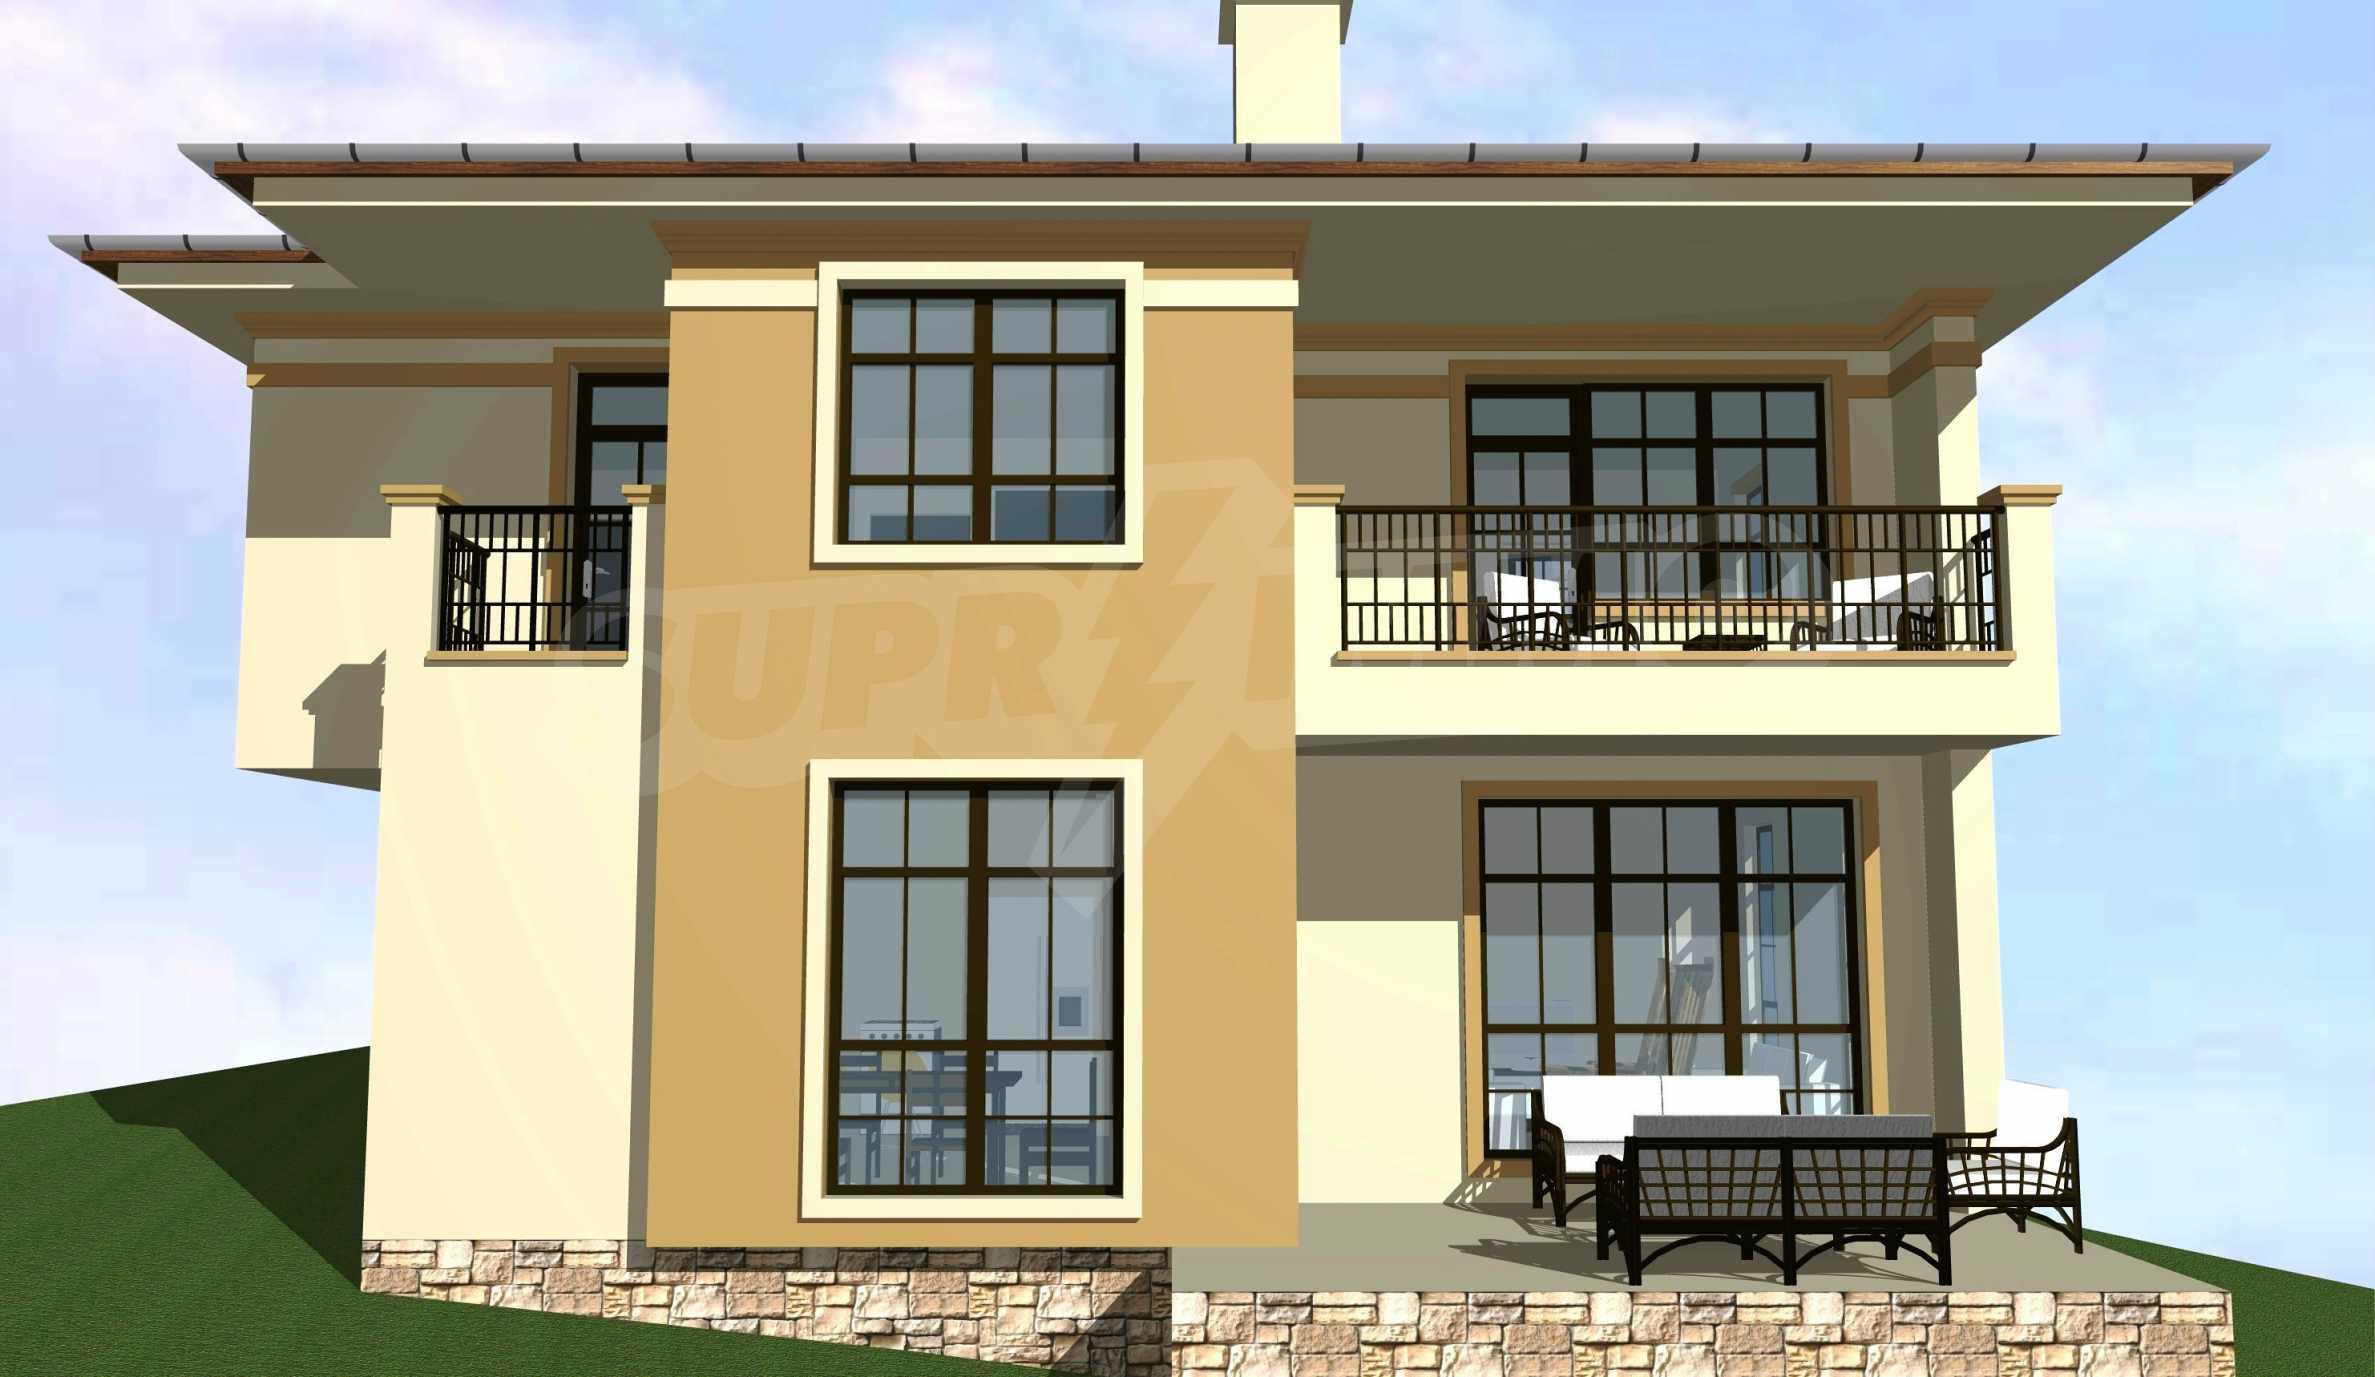 Luxuriöses dreistöckiges Haus mit Garten in der Villenzone von Chervenka